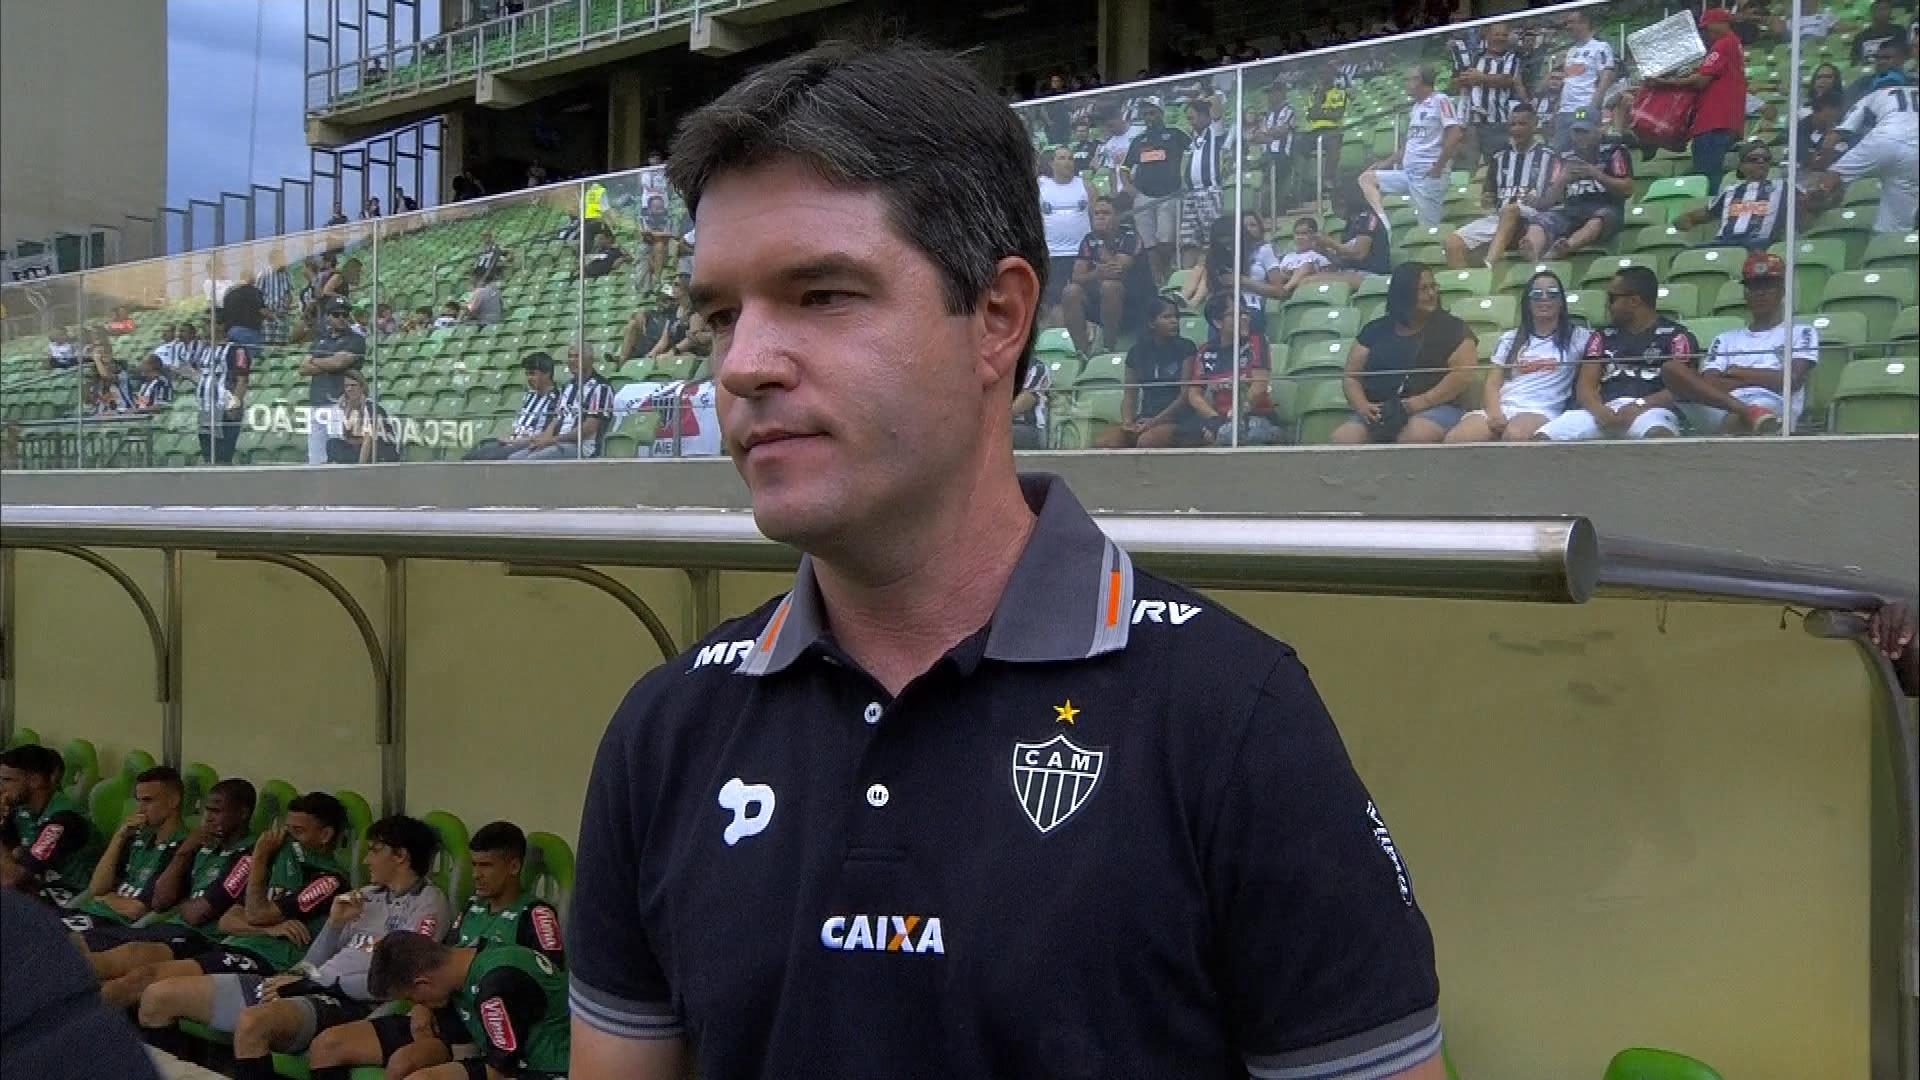 cab8ed8f3310f Giacomini vê Galo desentrosado e já tem estratégia para final contra Grêmio